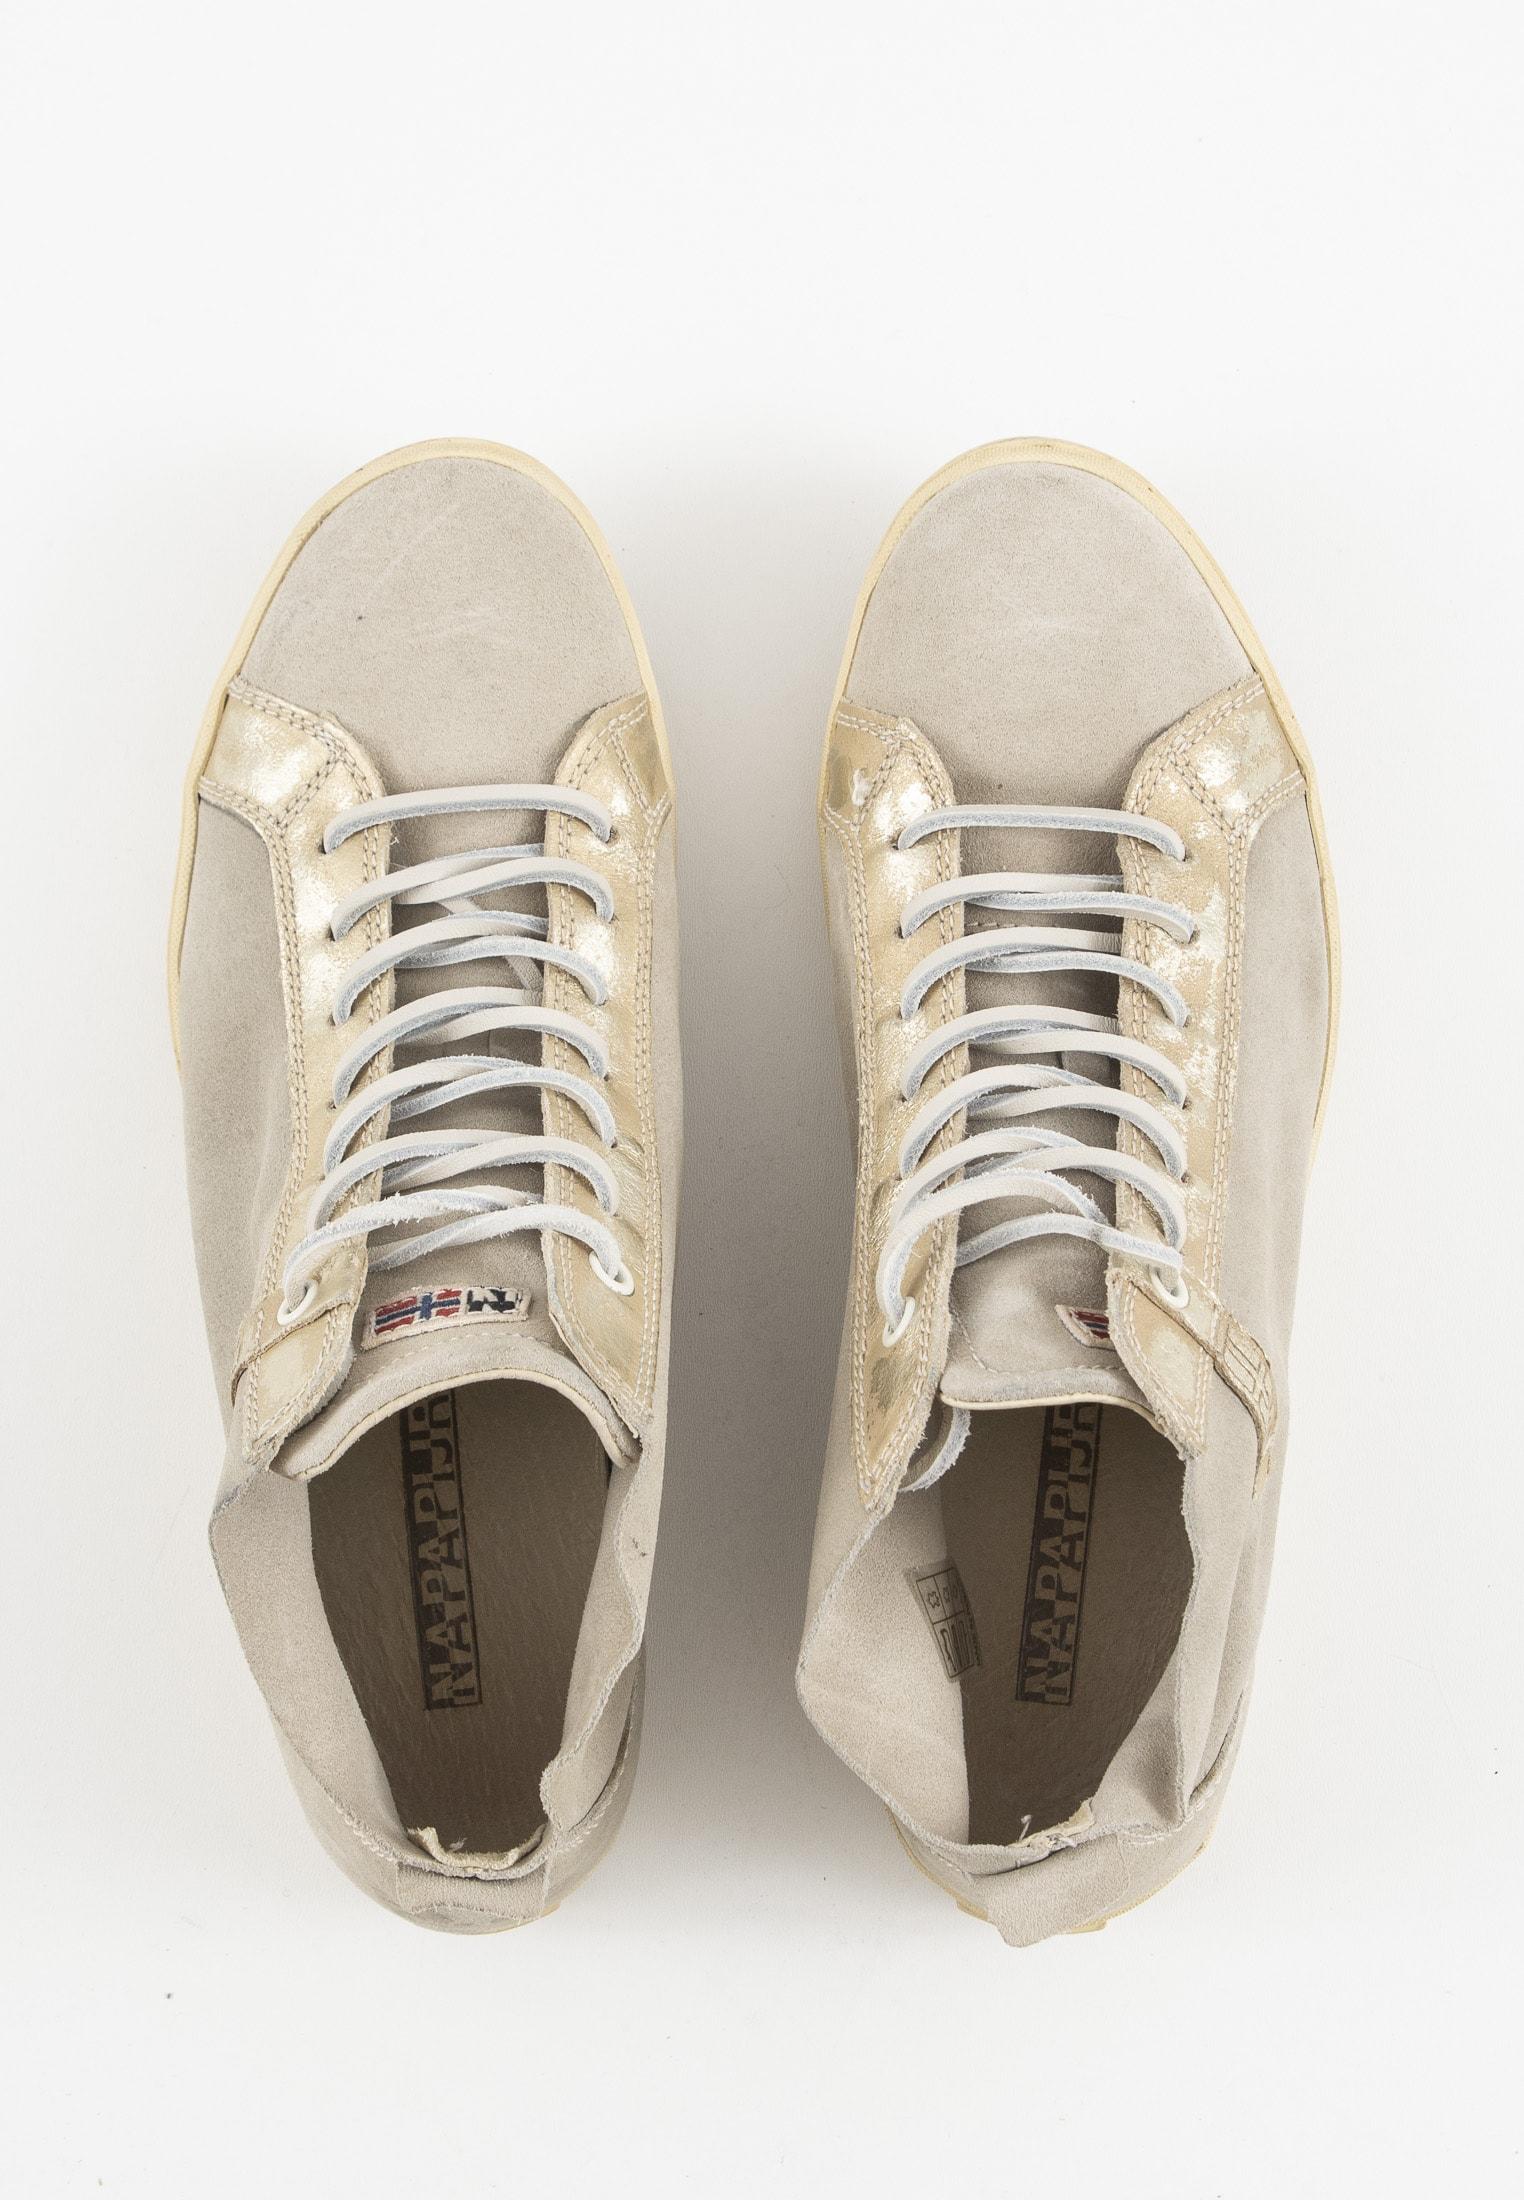 Napapijri Sneakers Beige Gr.39